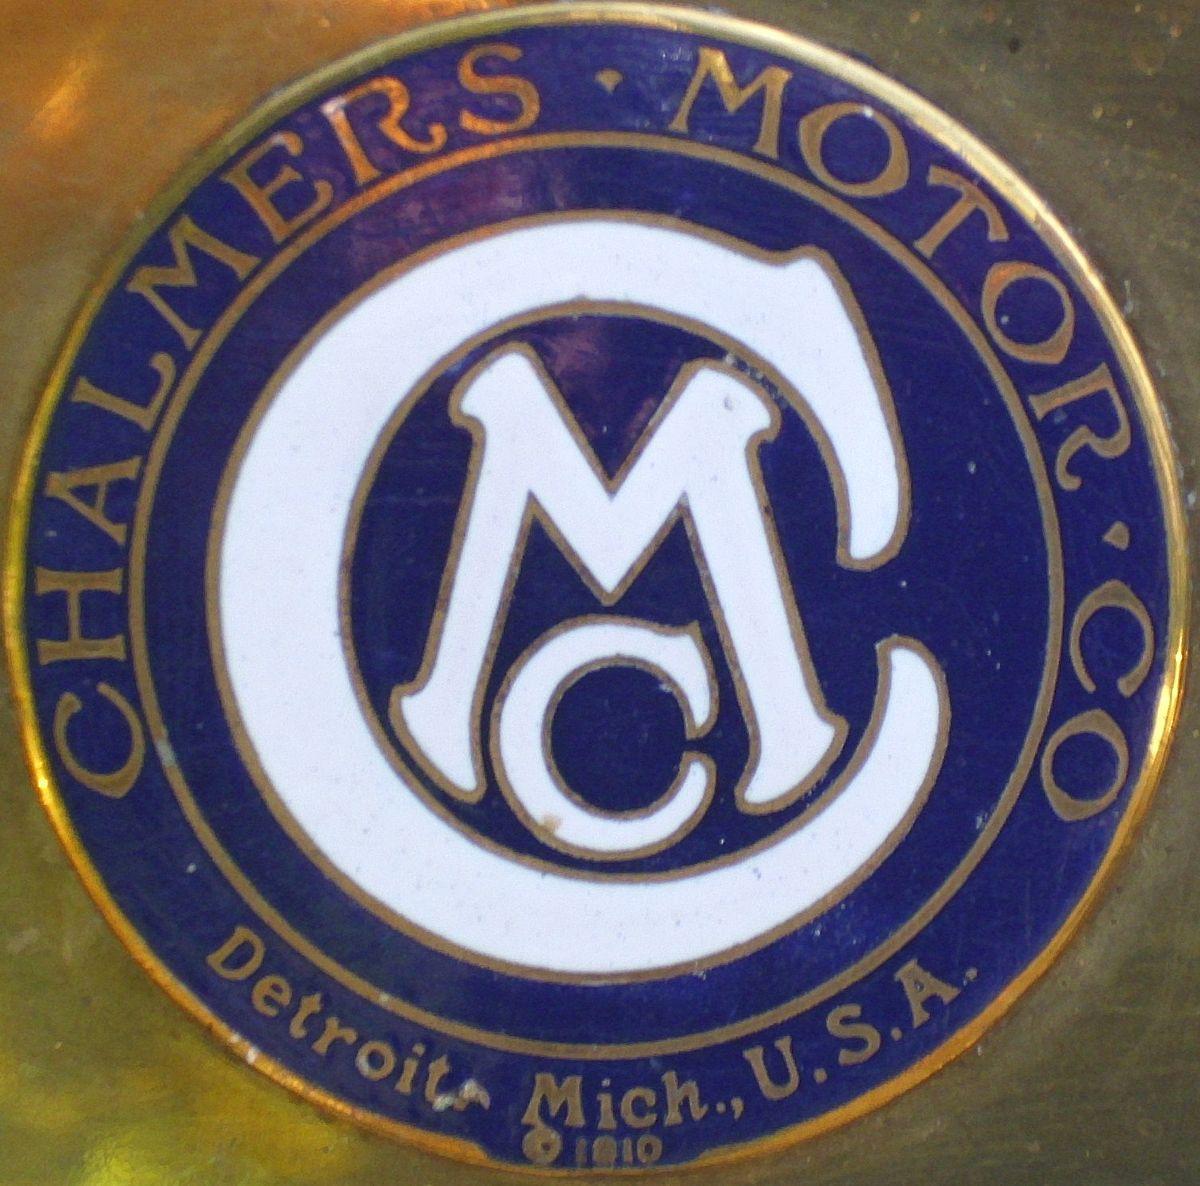 3 Wheel Car >> Chalmers Automobile - Wikipedia